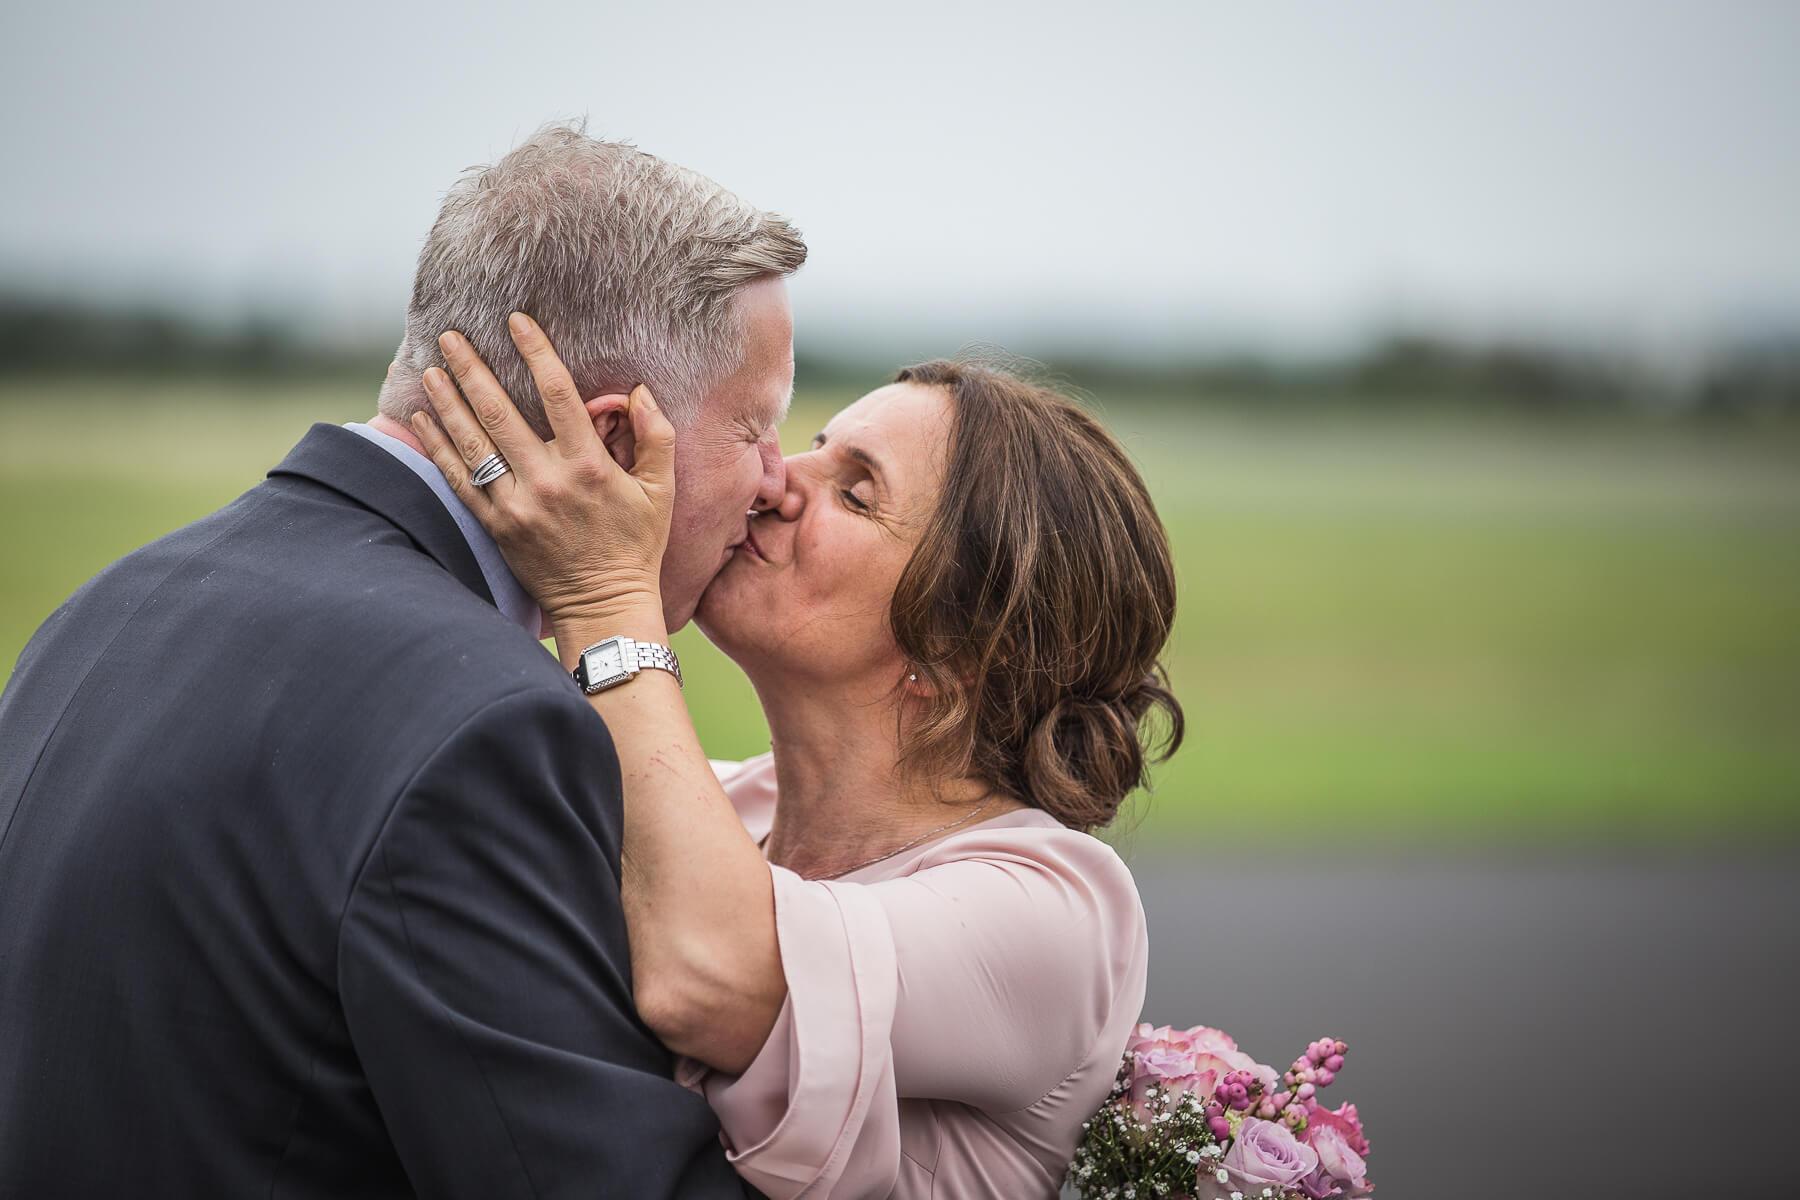 Hochzeitsreportage  Fotograf  Lufthochzeit im Hubschrauber  Hangelar 15